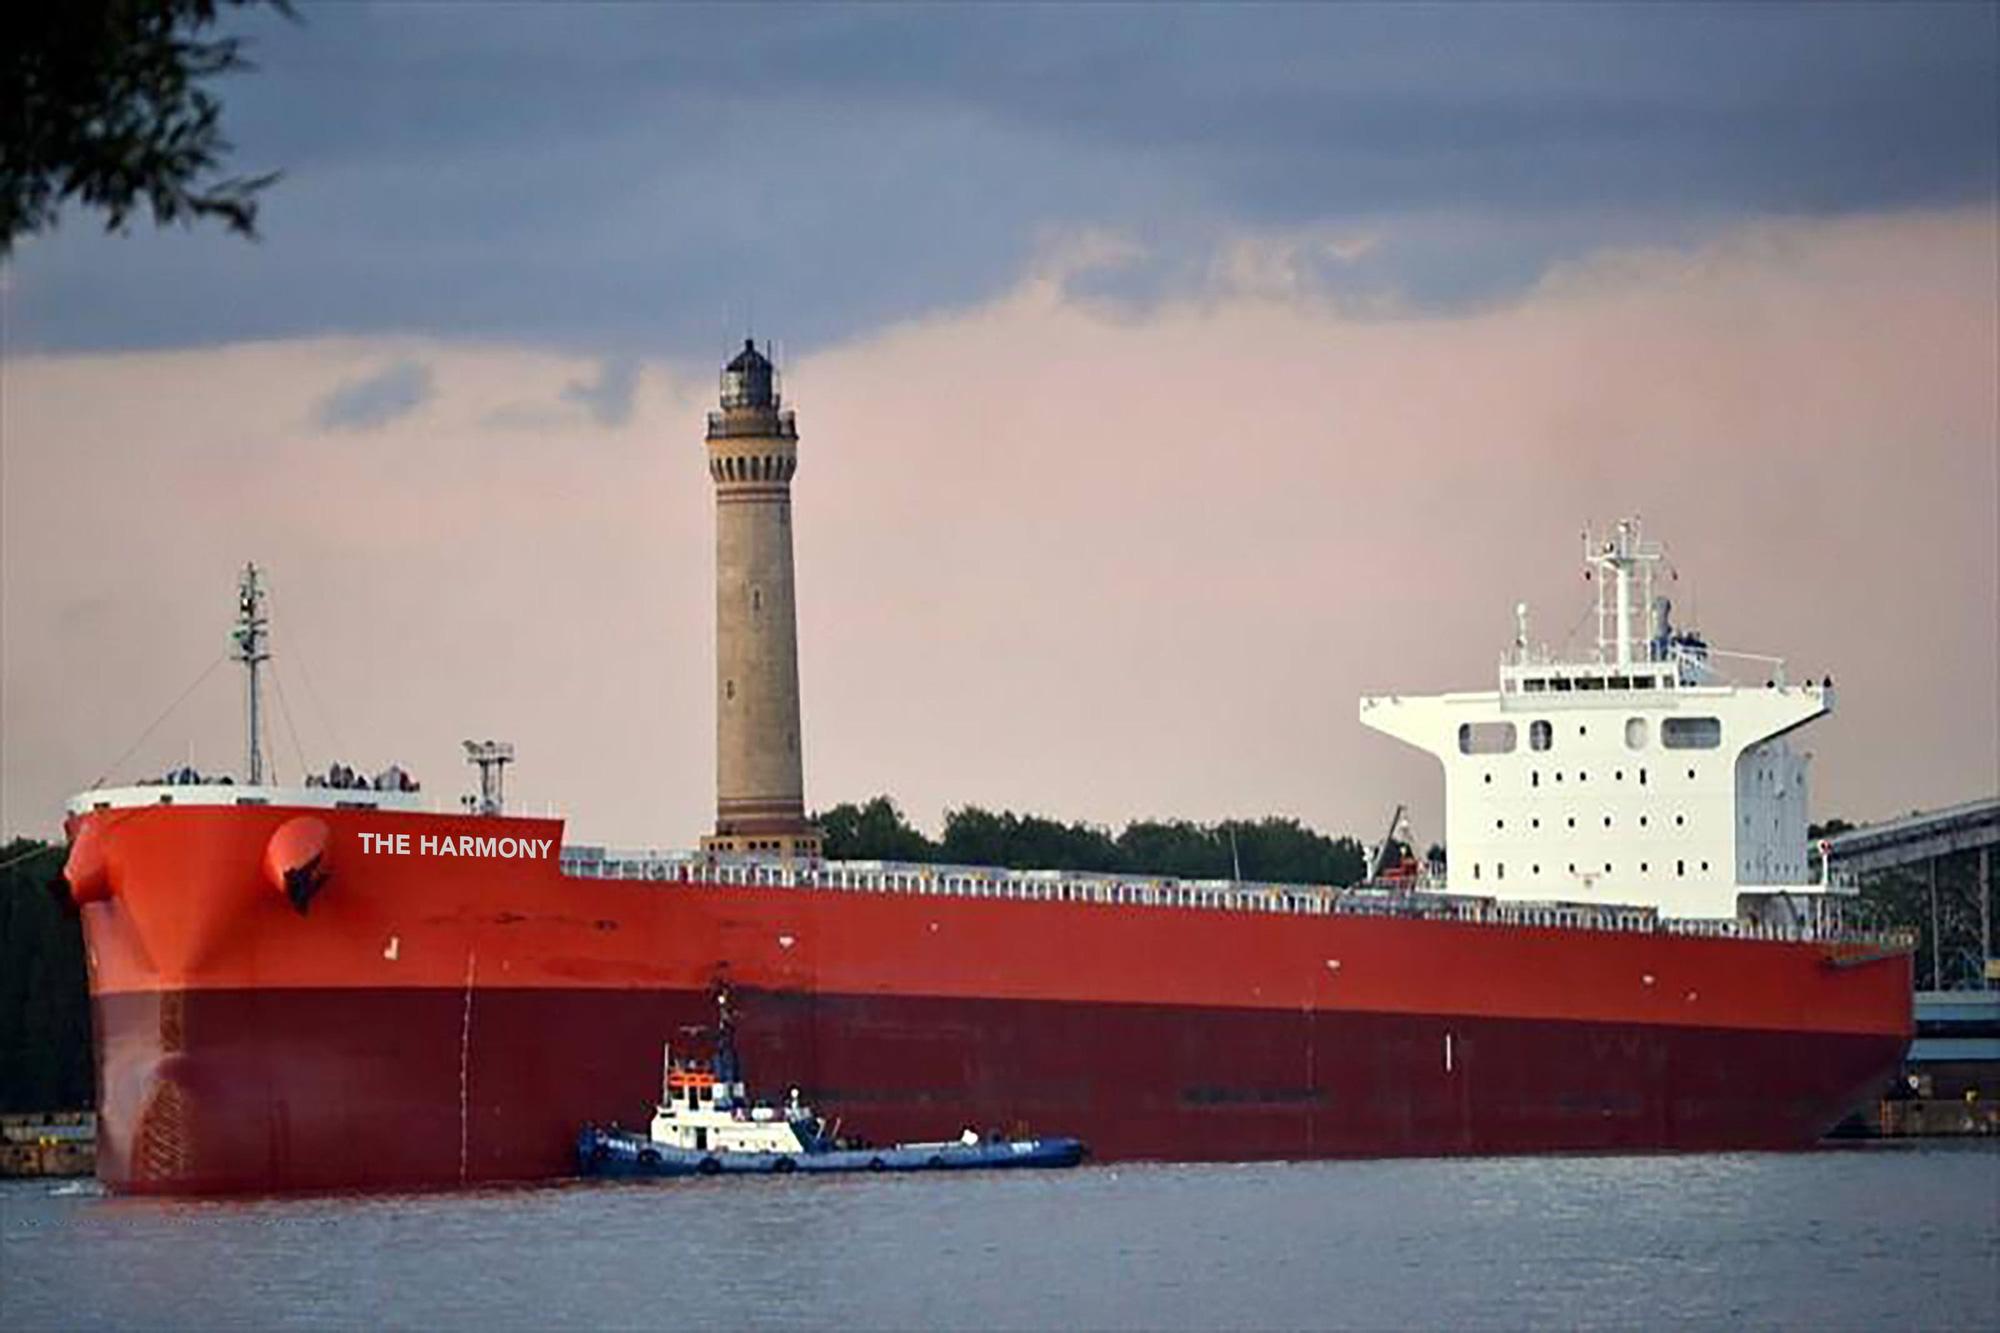 Hòa Phát mua 2 tàu cỡ lớn tới 90.000 tấn chuyên chở than, quặng sắt - Ảnh 1.